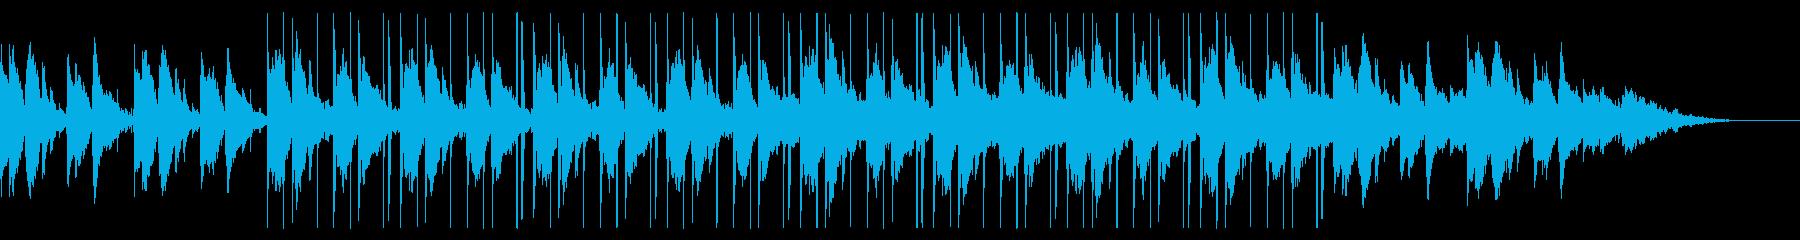 静かなギターのチル・ヒップホップの再生済みの波形